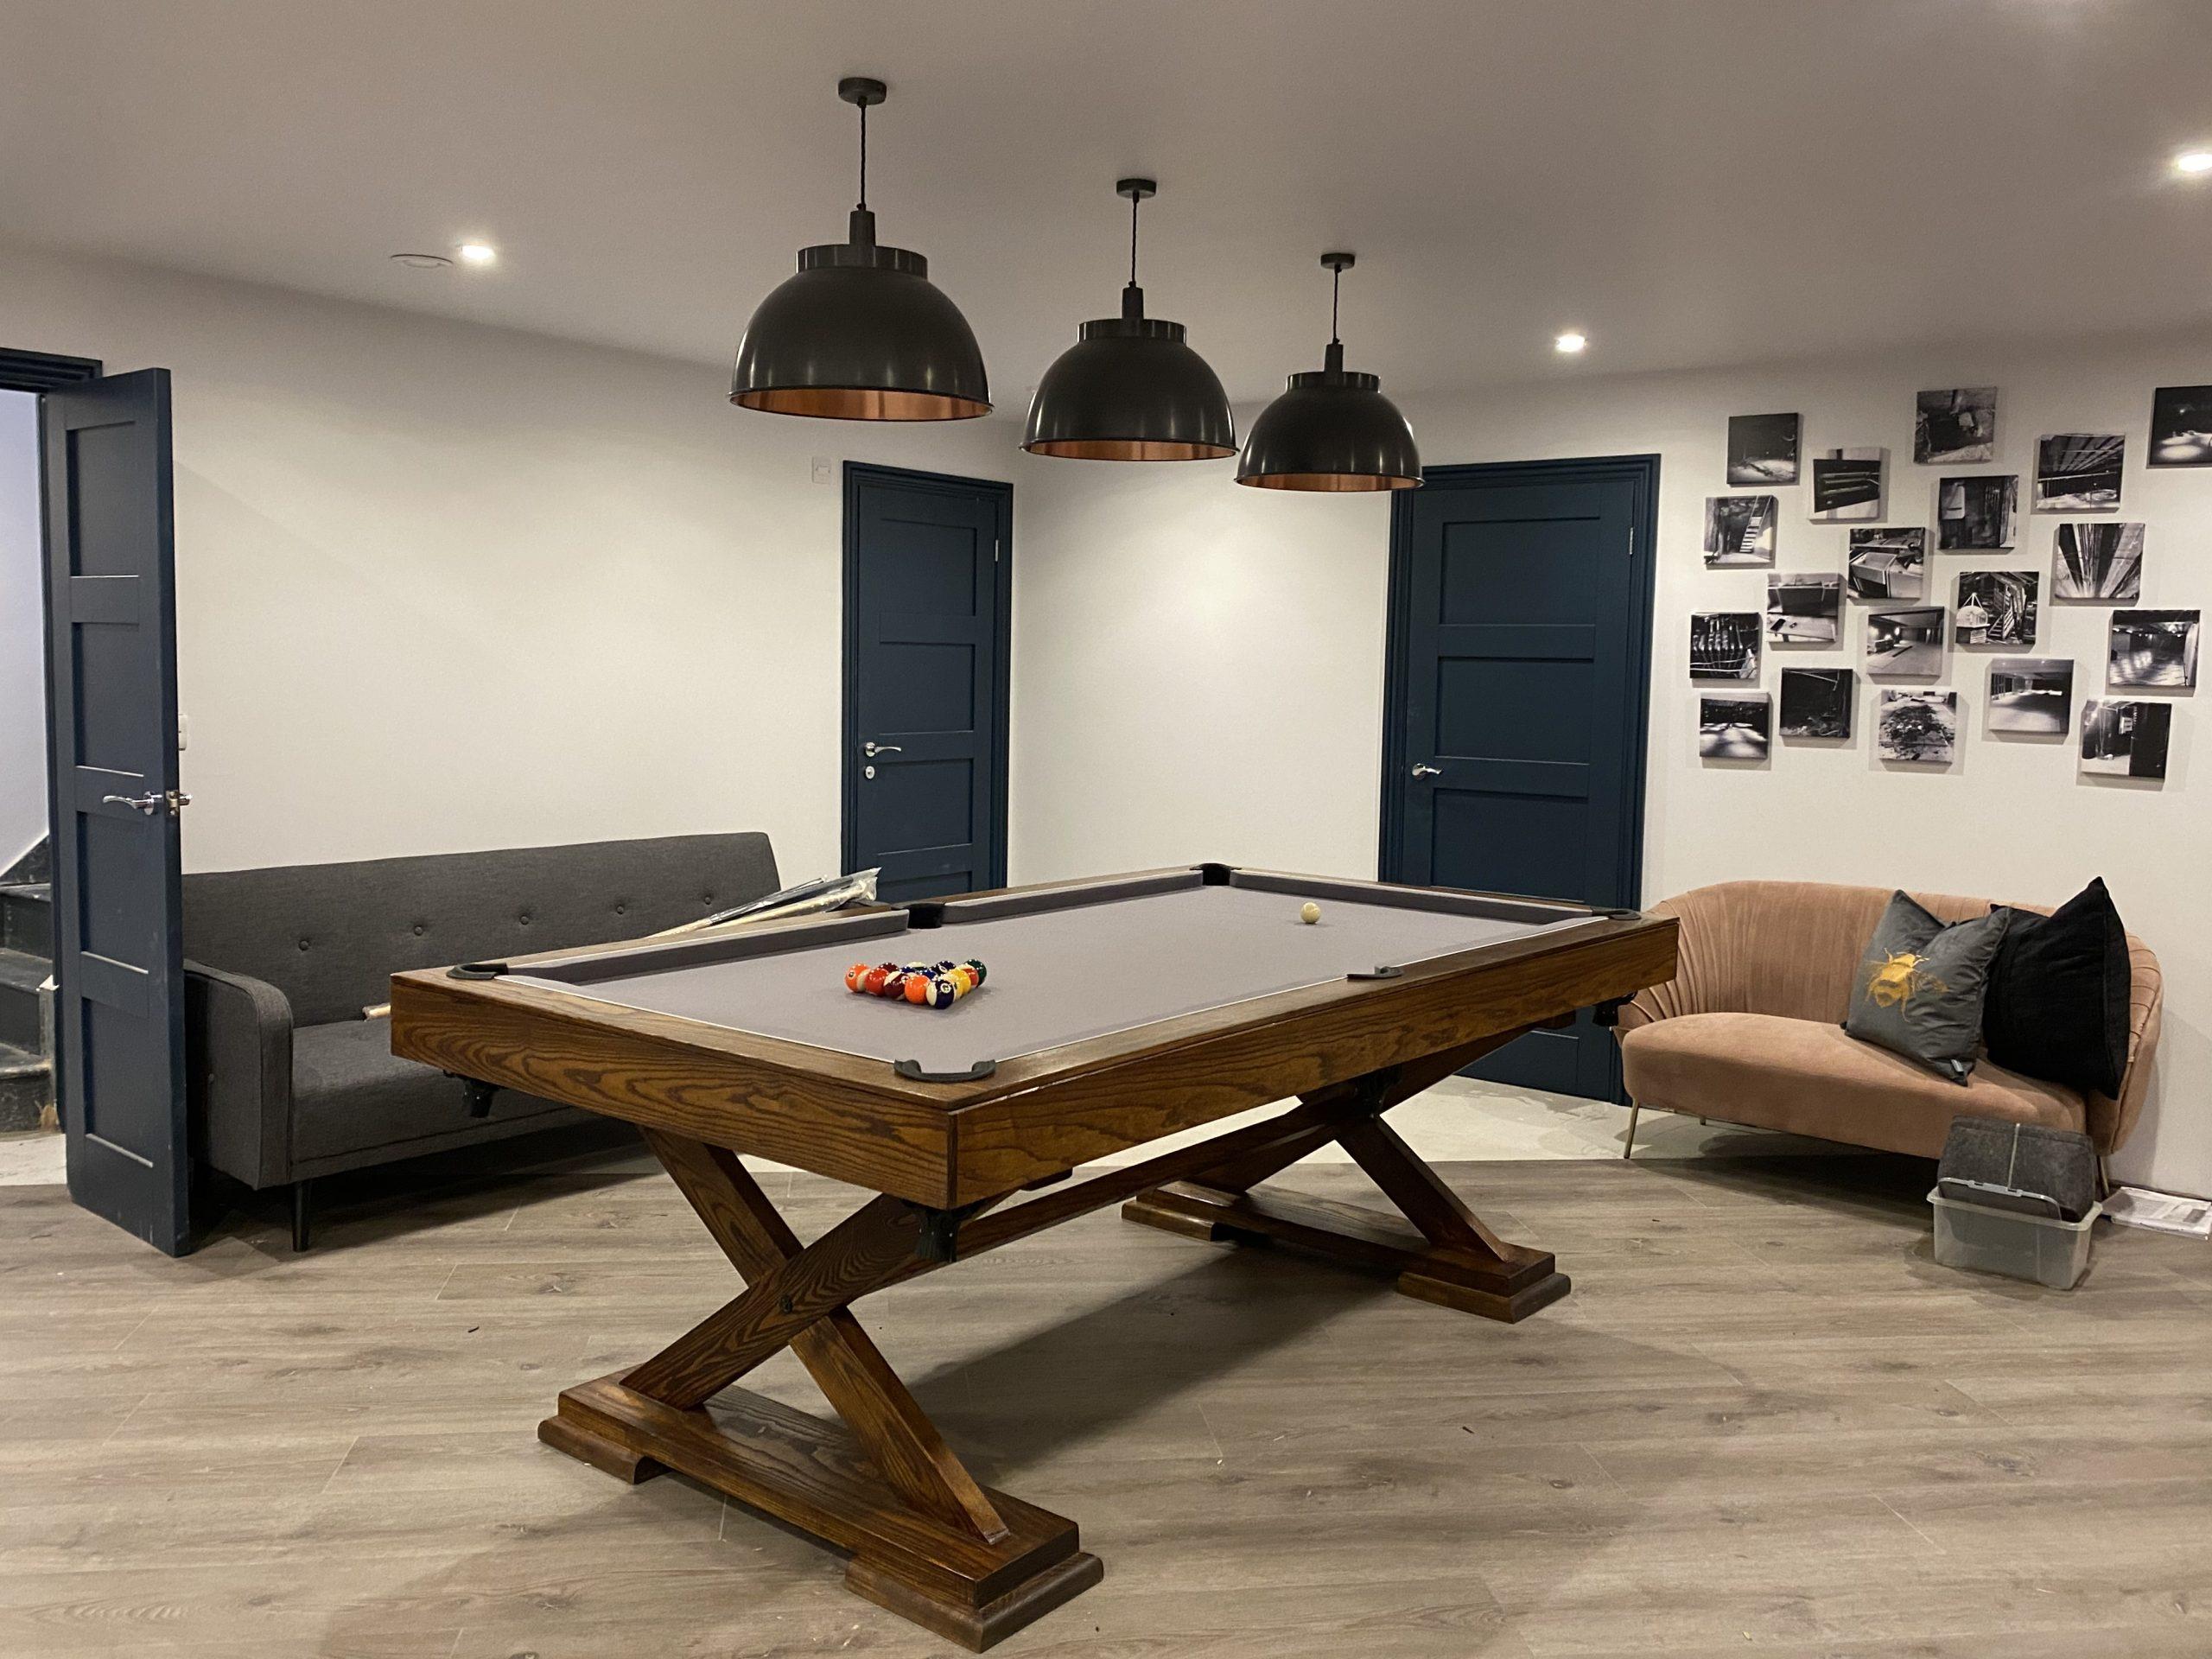 8ft Ash pool Table